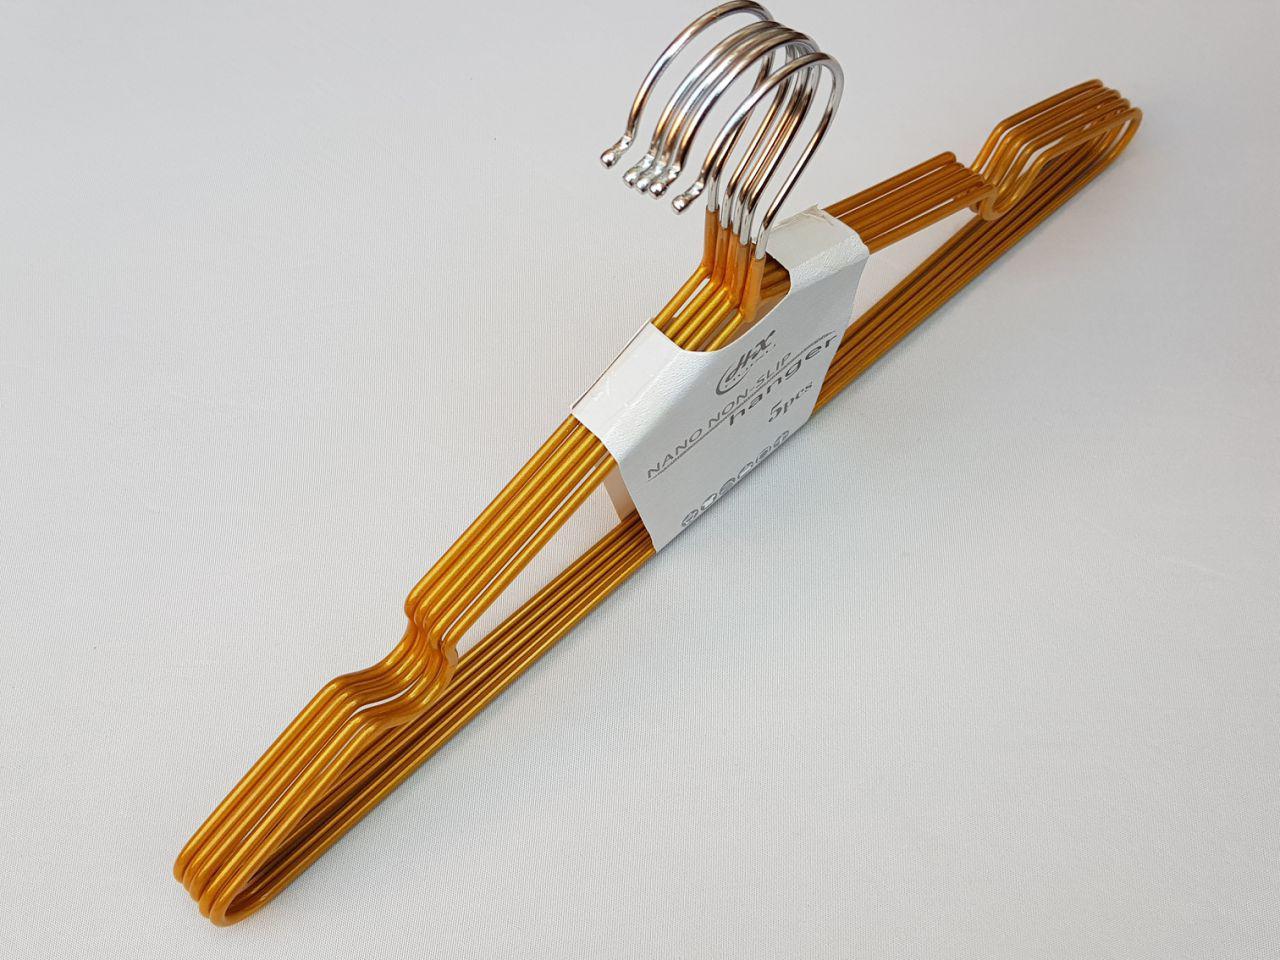 Плечики металлические в силиконовом покрытии золотого цвета, 40,5 см, 5 штук в упаковке